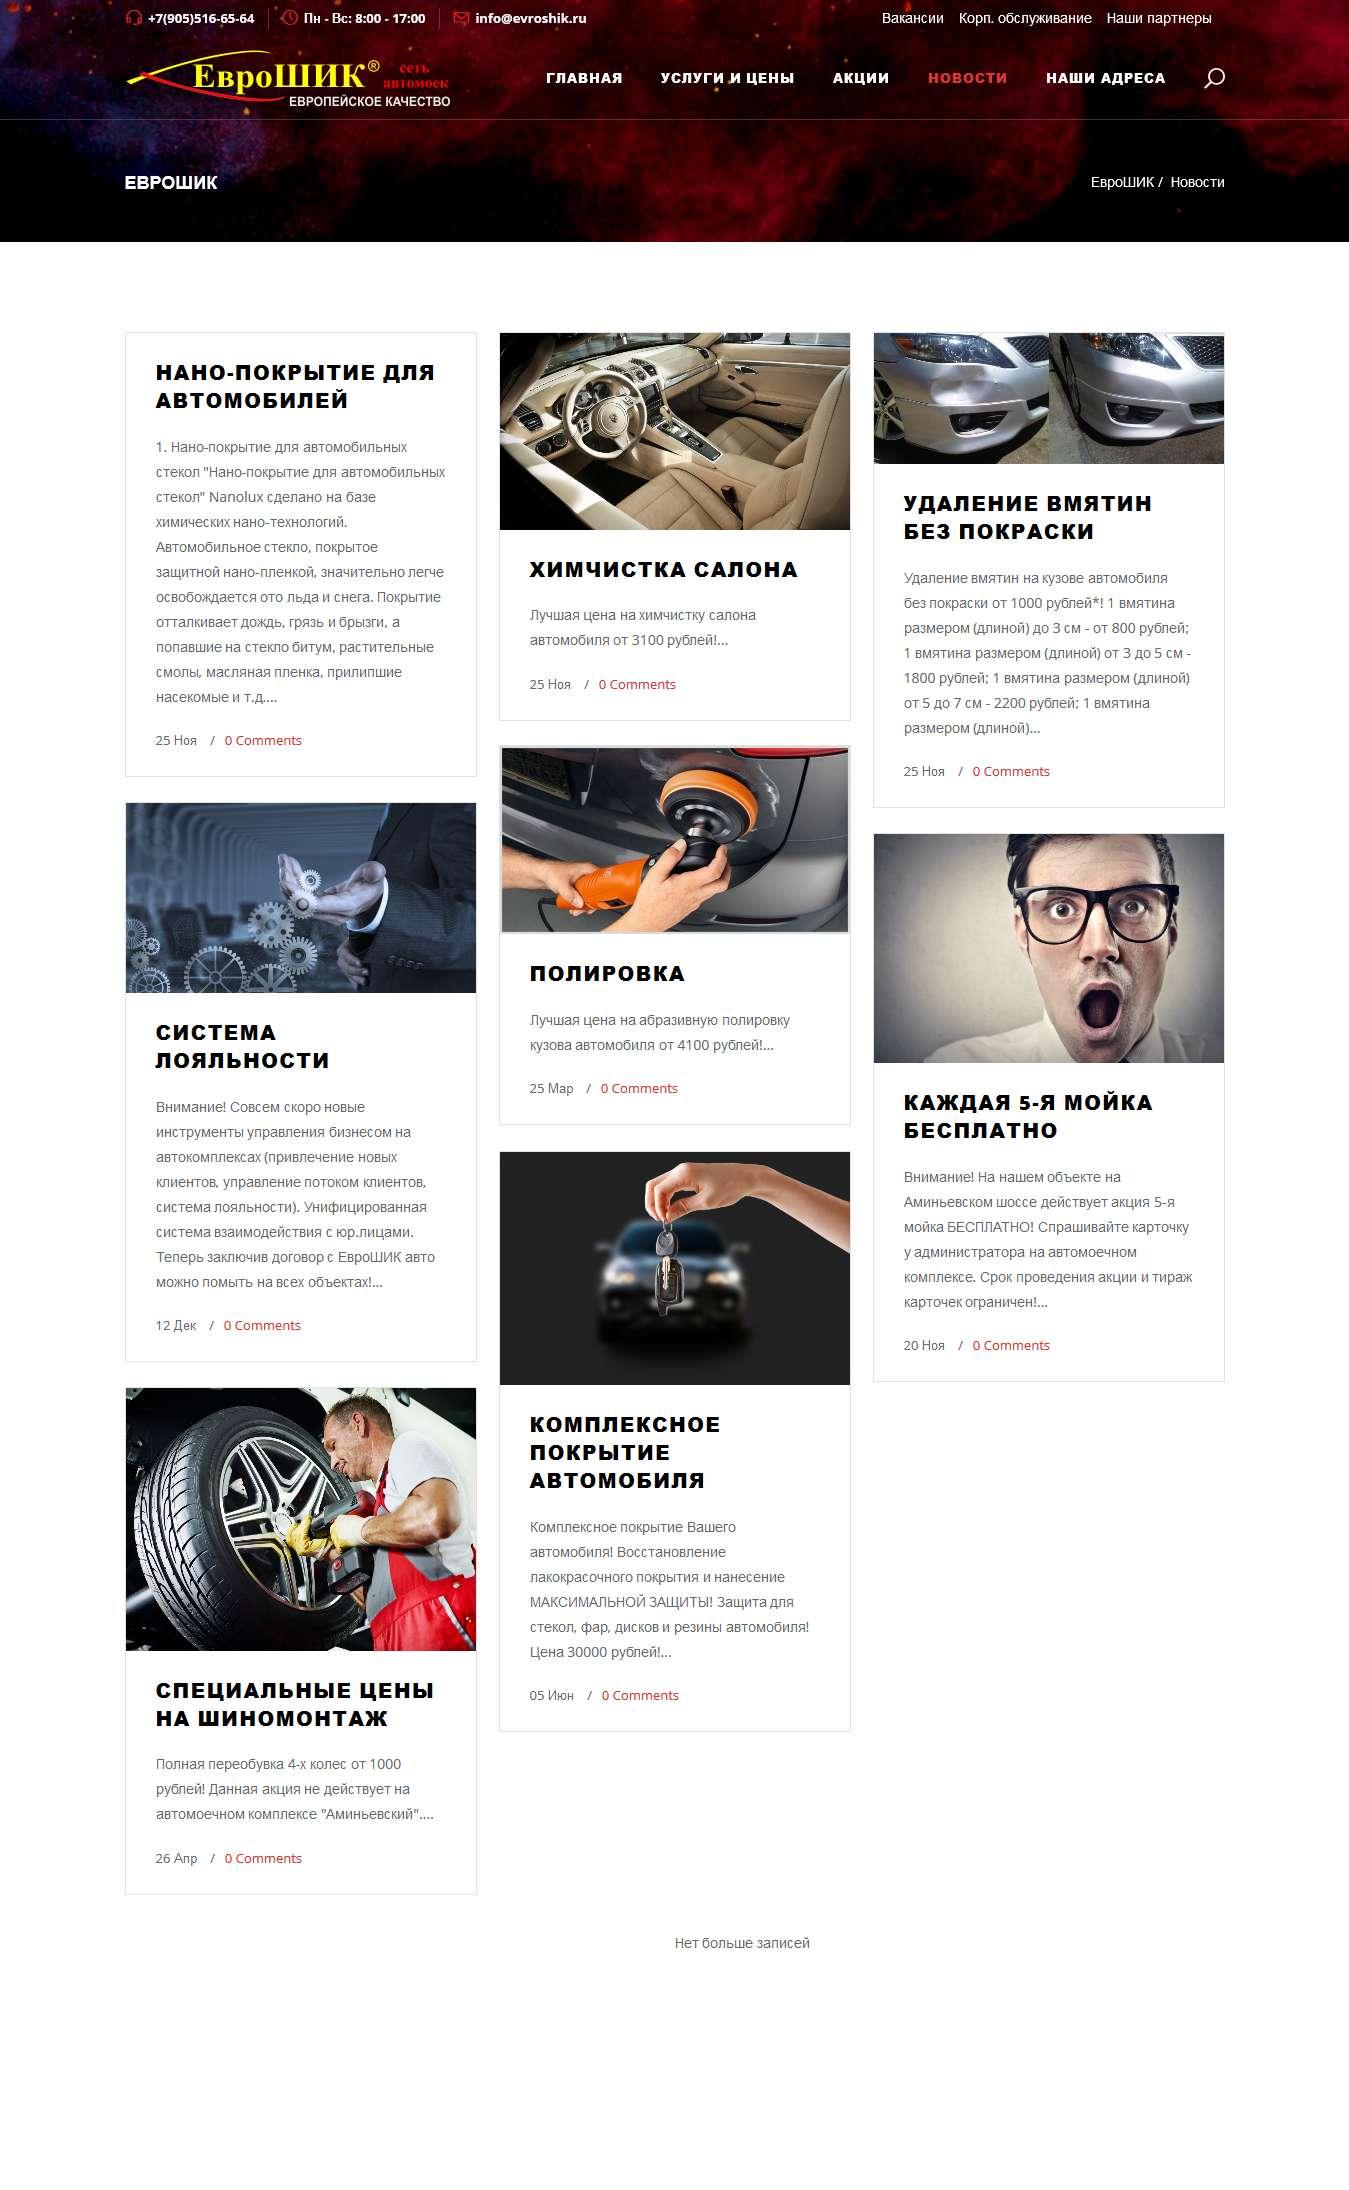 Пример сайта визитки - сеть автомоек - новости